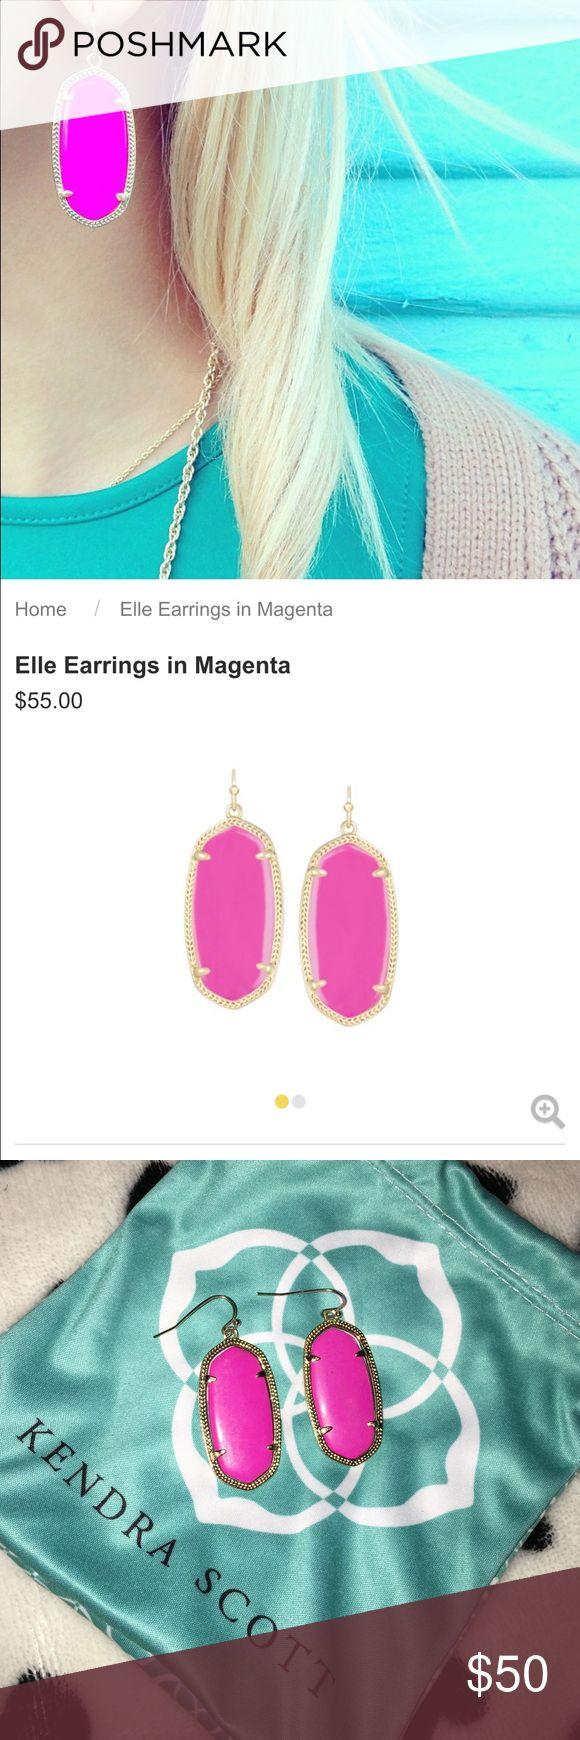 ✨HOST PICK✨ Kendra Scott Elle earrings Grat condition. Comes with bag Kendra Scott Jewelry Earrings